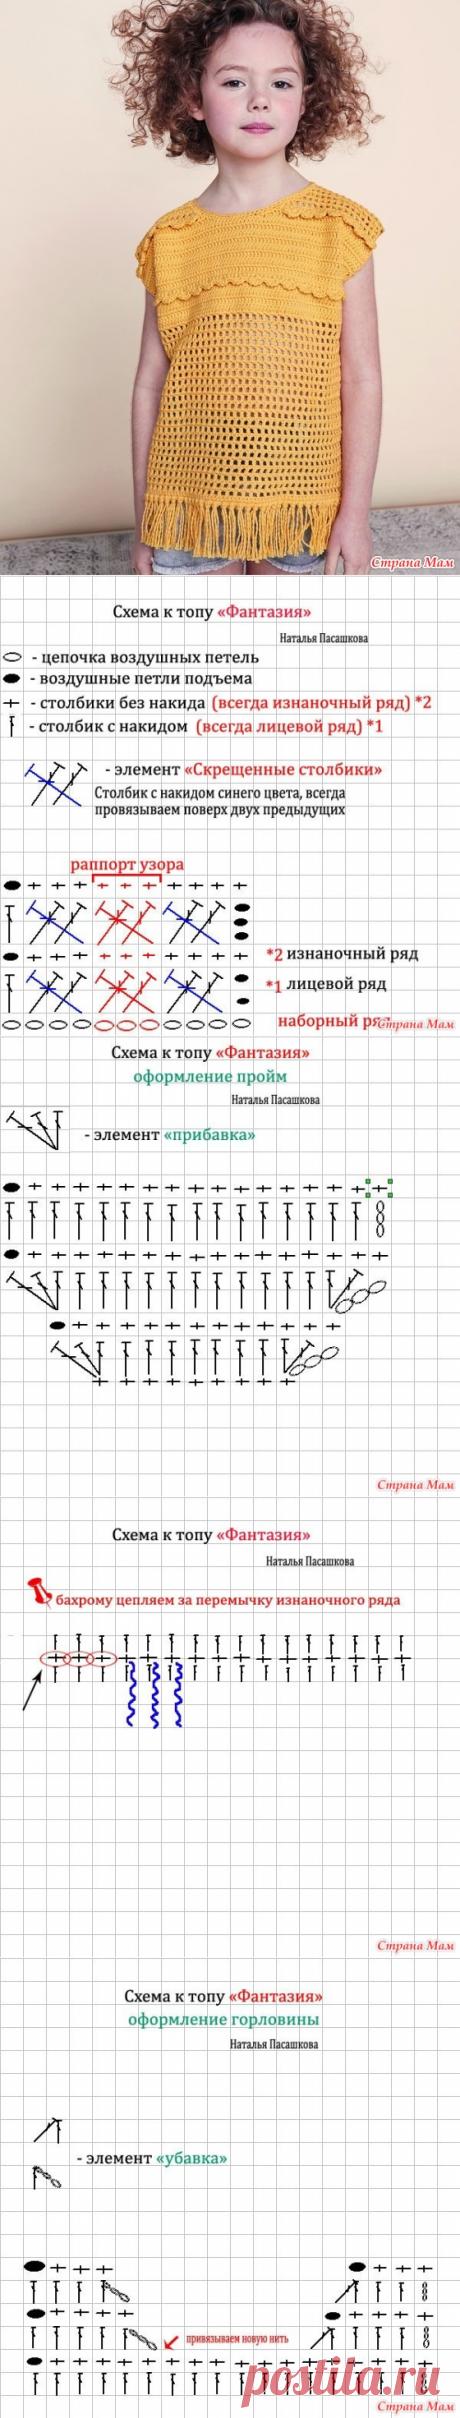 """Вяжем топ """"Фантазия""""! - Вяжем вместе он-лайн - Страна Мам"""